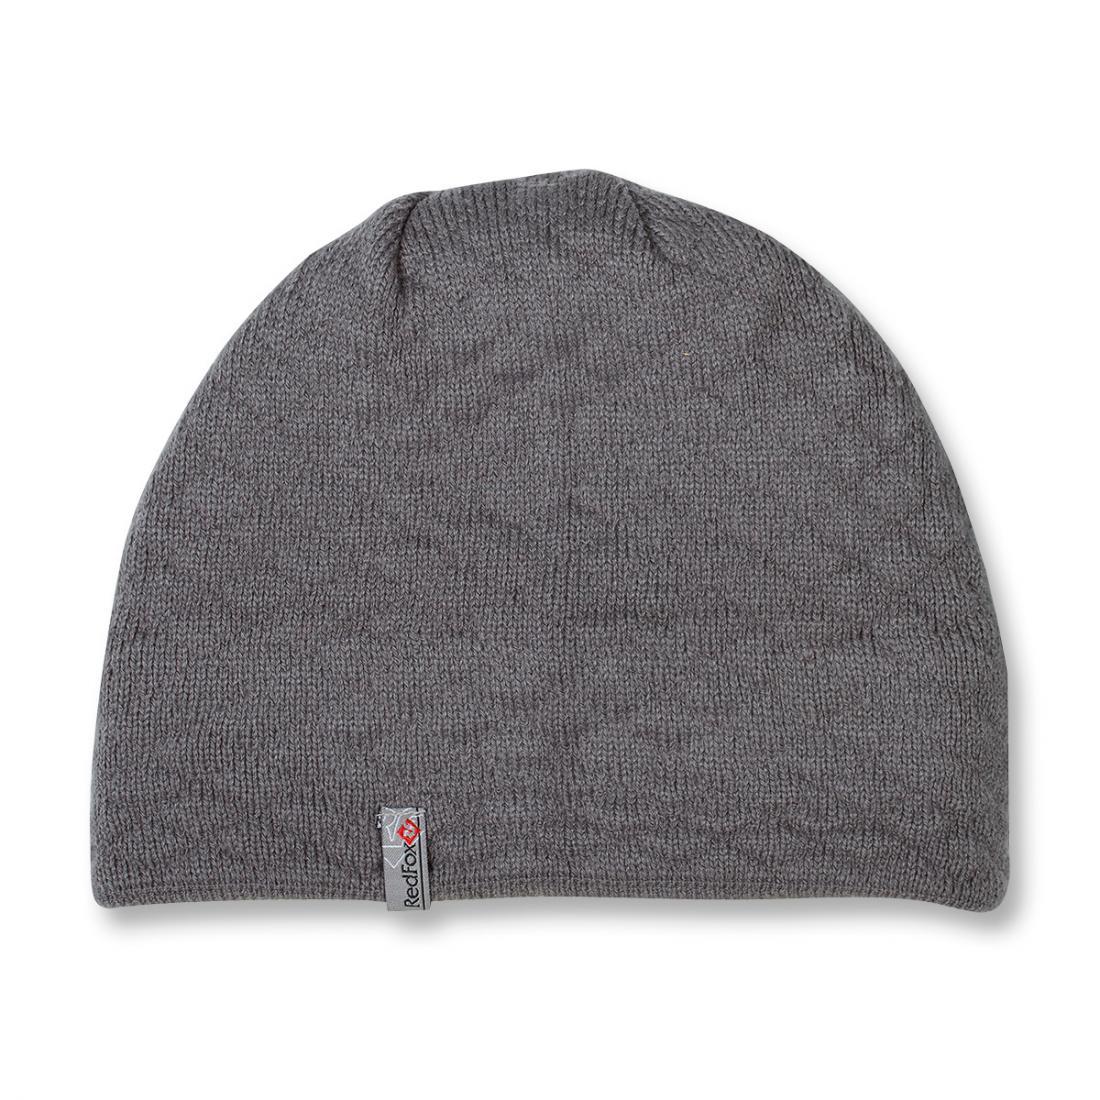 Шапка PomШапки<br>Модная городская шапка для женщин.<br> <br> Материал – акрил.<br><br>Цвет: Серый<br>Размер: None